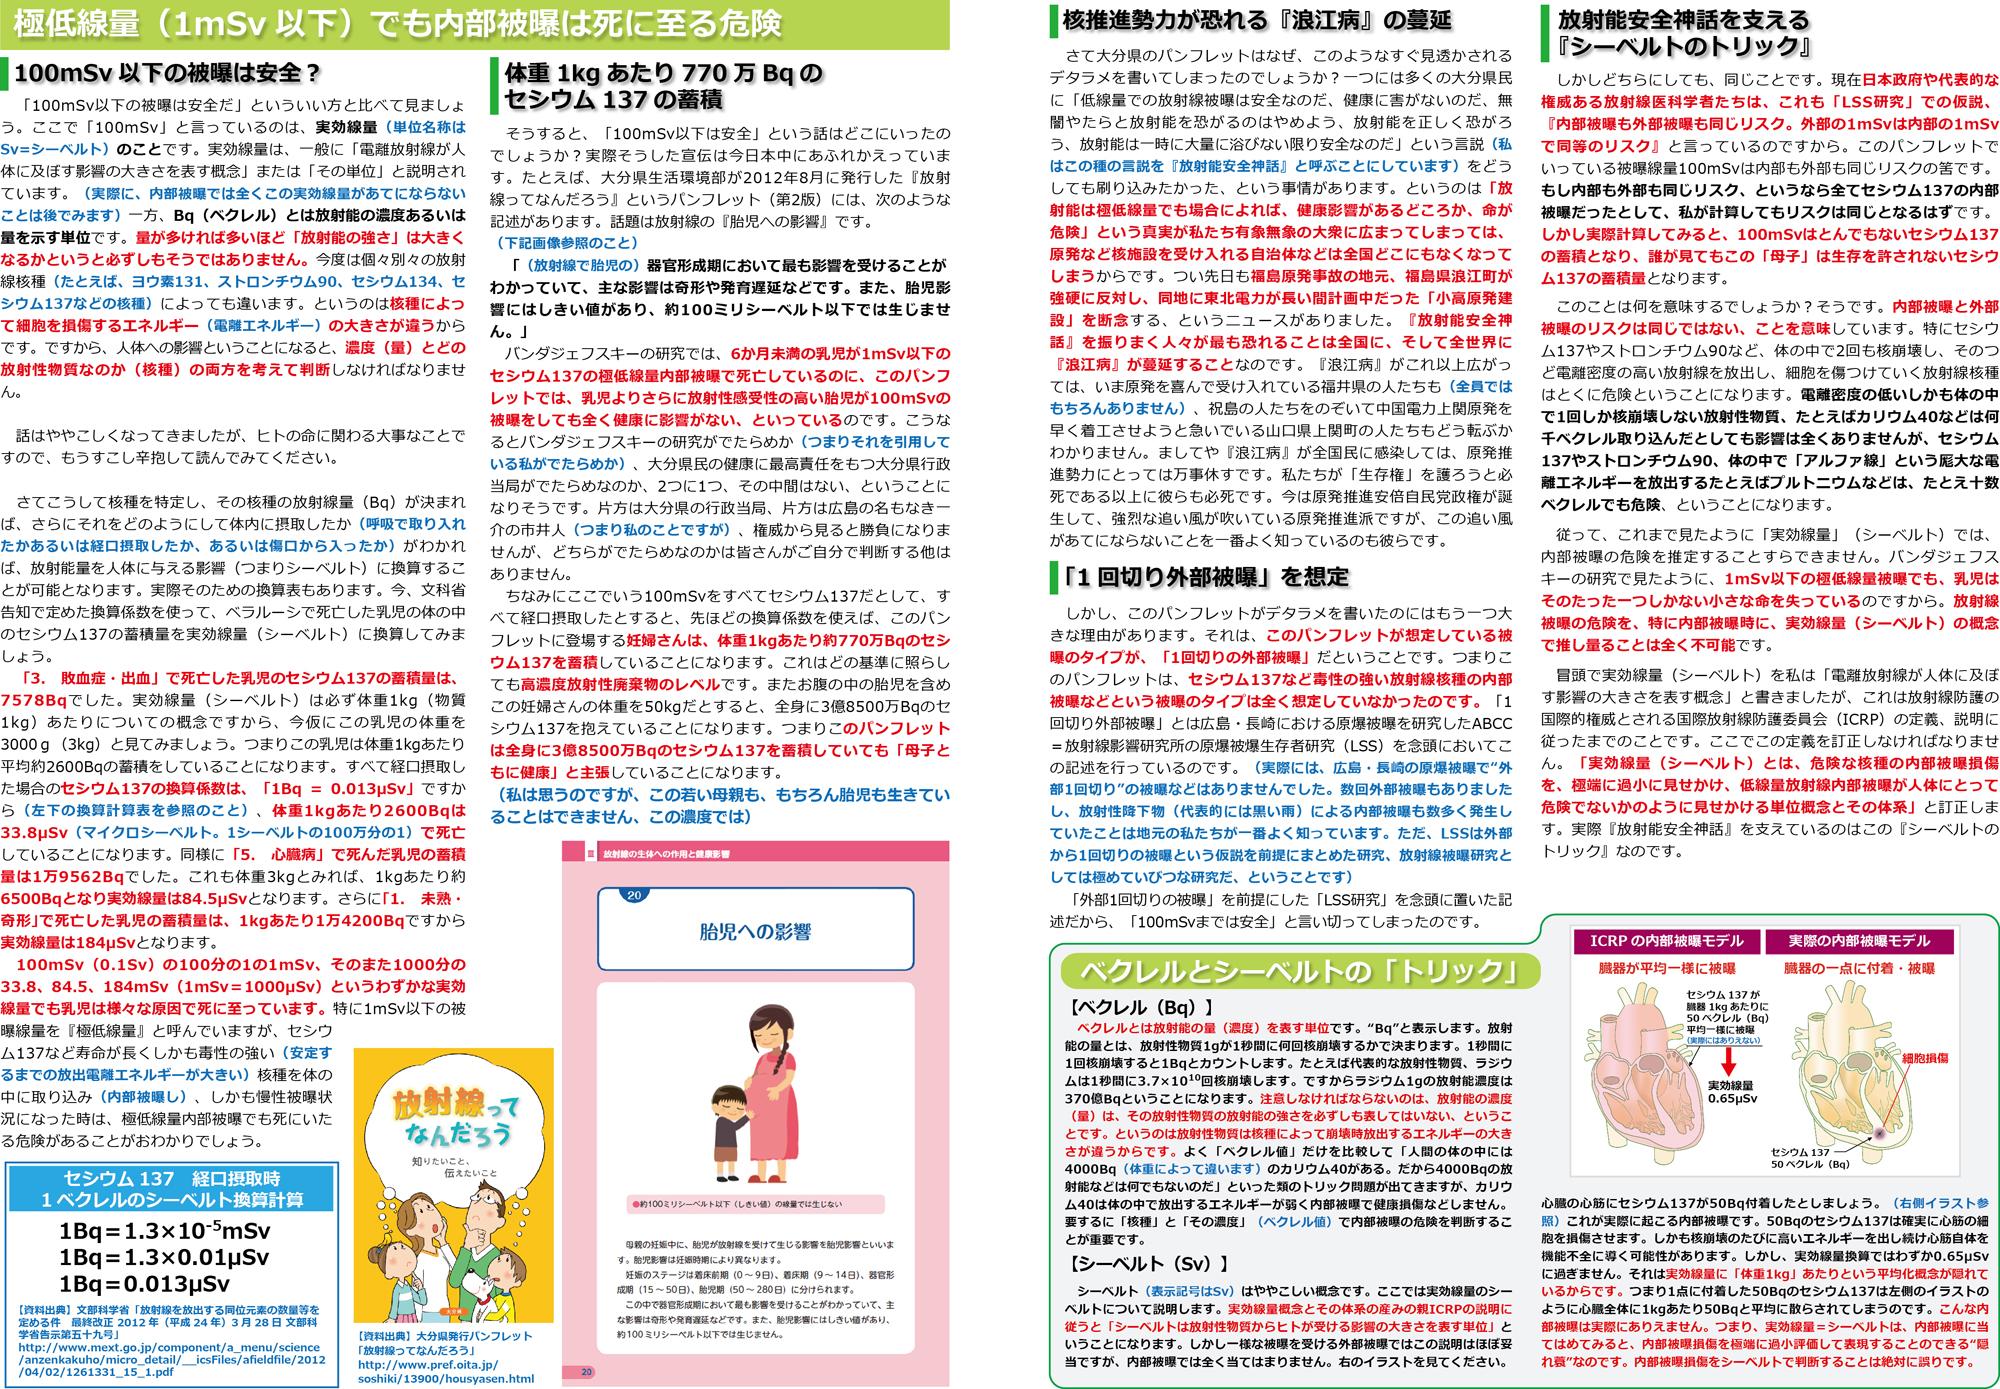 ファイル 127-2.jpg